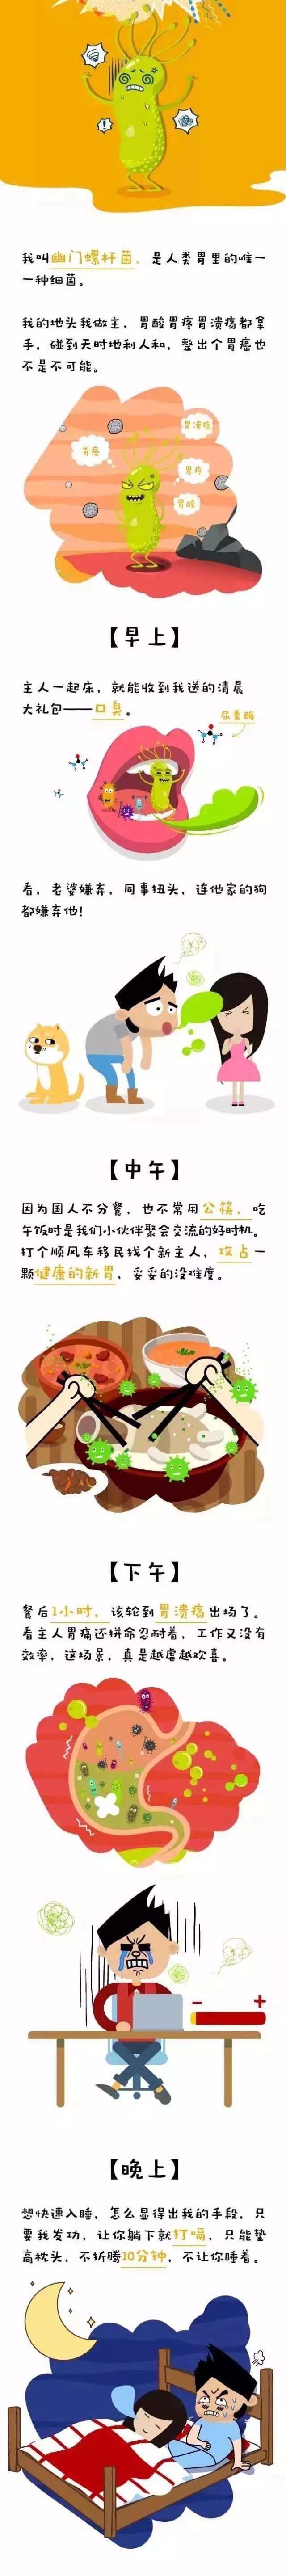 幽门螺杆菌在胃里一天的活动是怎样的